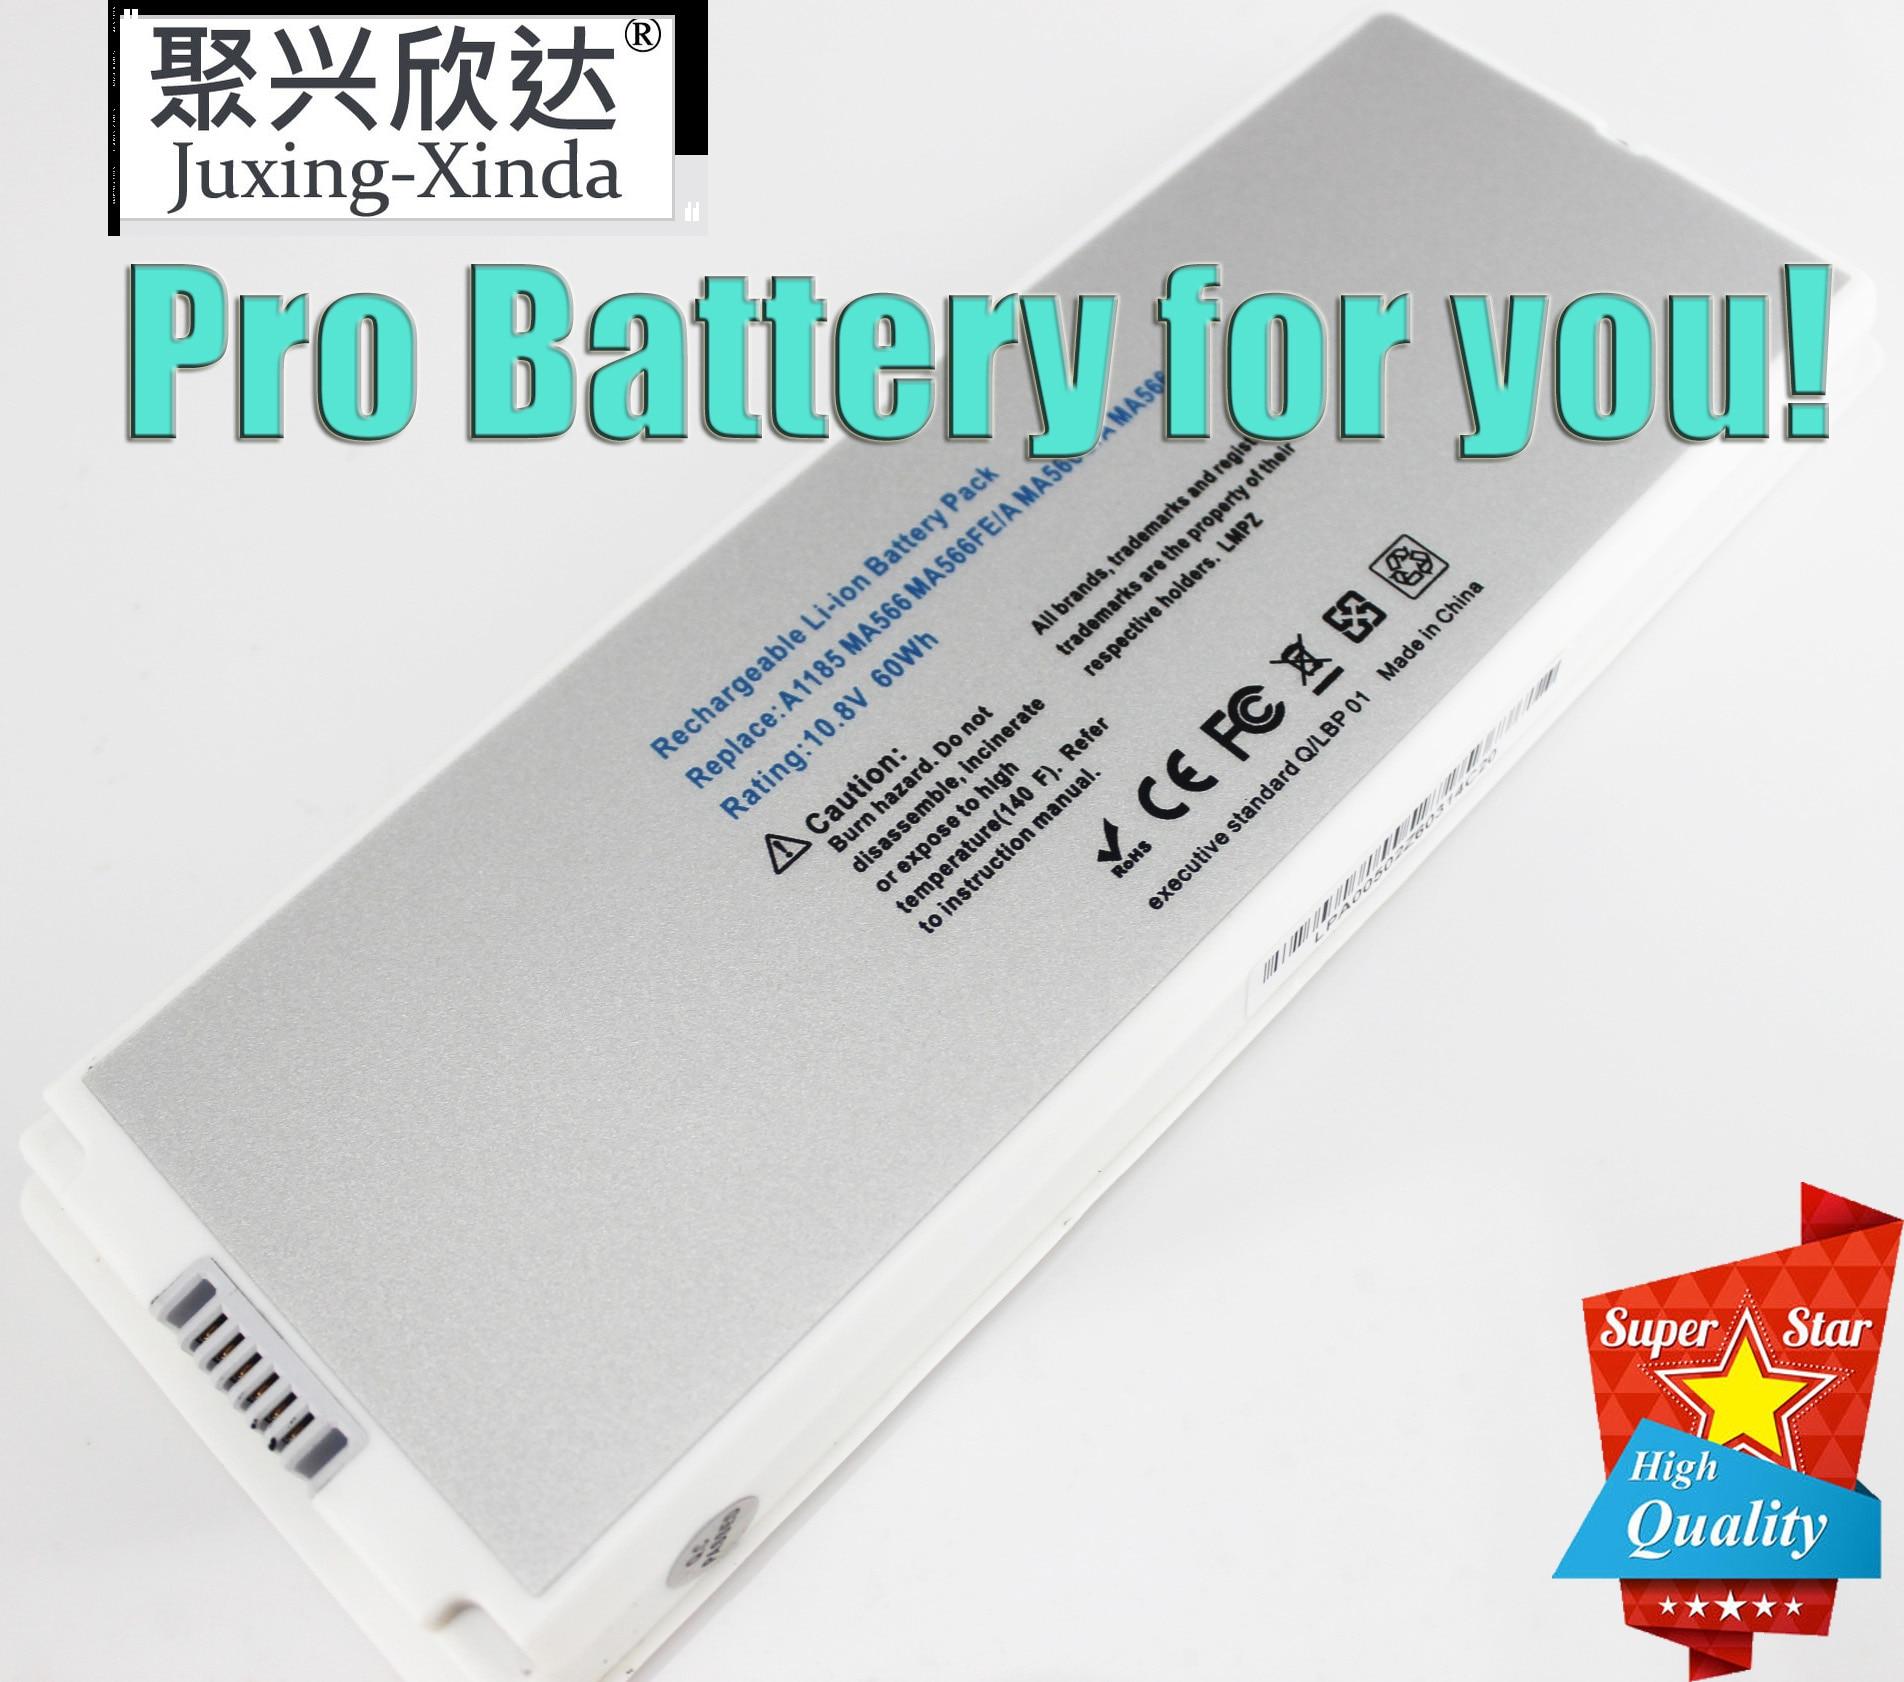 """A1185 bateria do portátil para apple macbook 13 """"a1181 (2006 2007 2008 2009) ma566 ma561 ma566fe/a ma566g/a ma566j/a ma472 ma472 */a"""